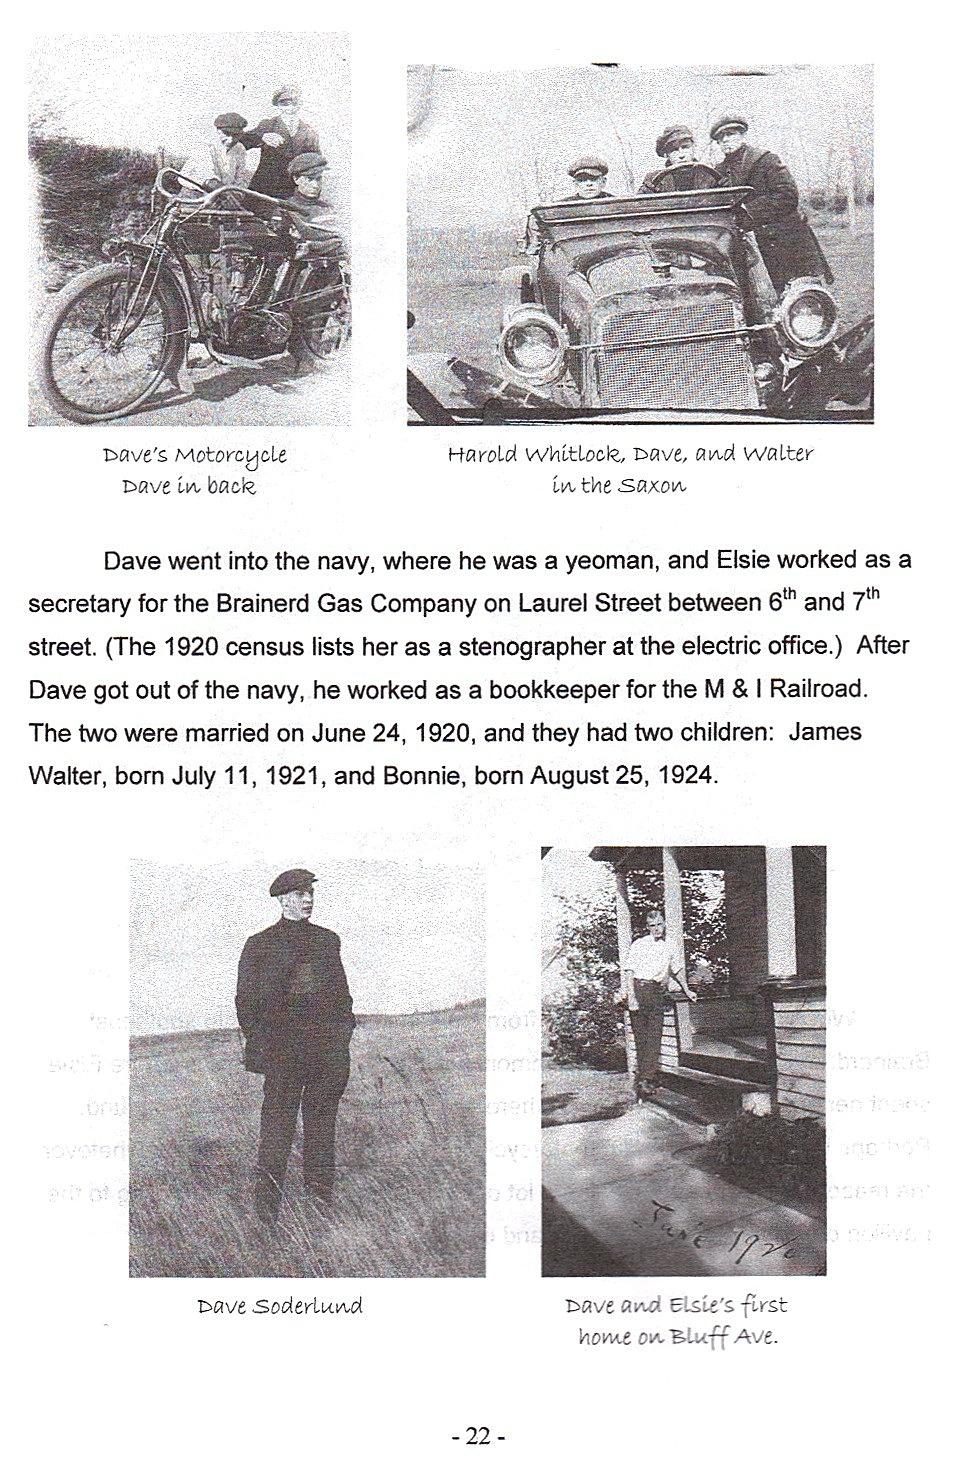 Sid 22, bilder på Dave och Elsie